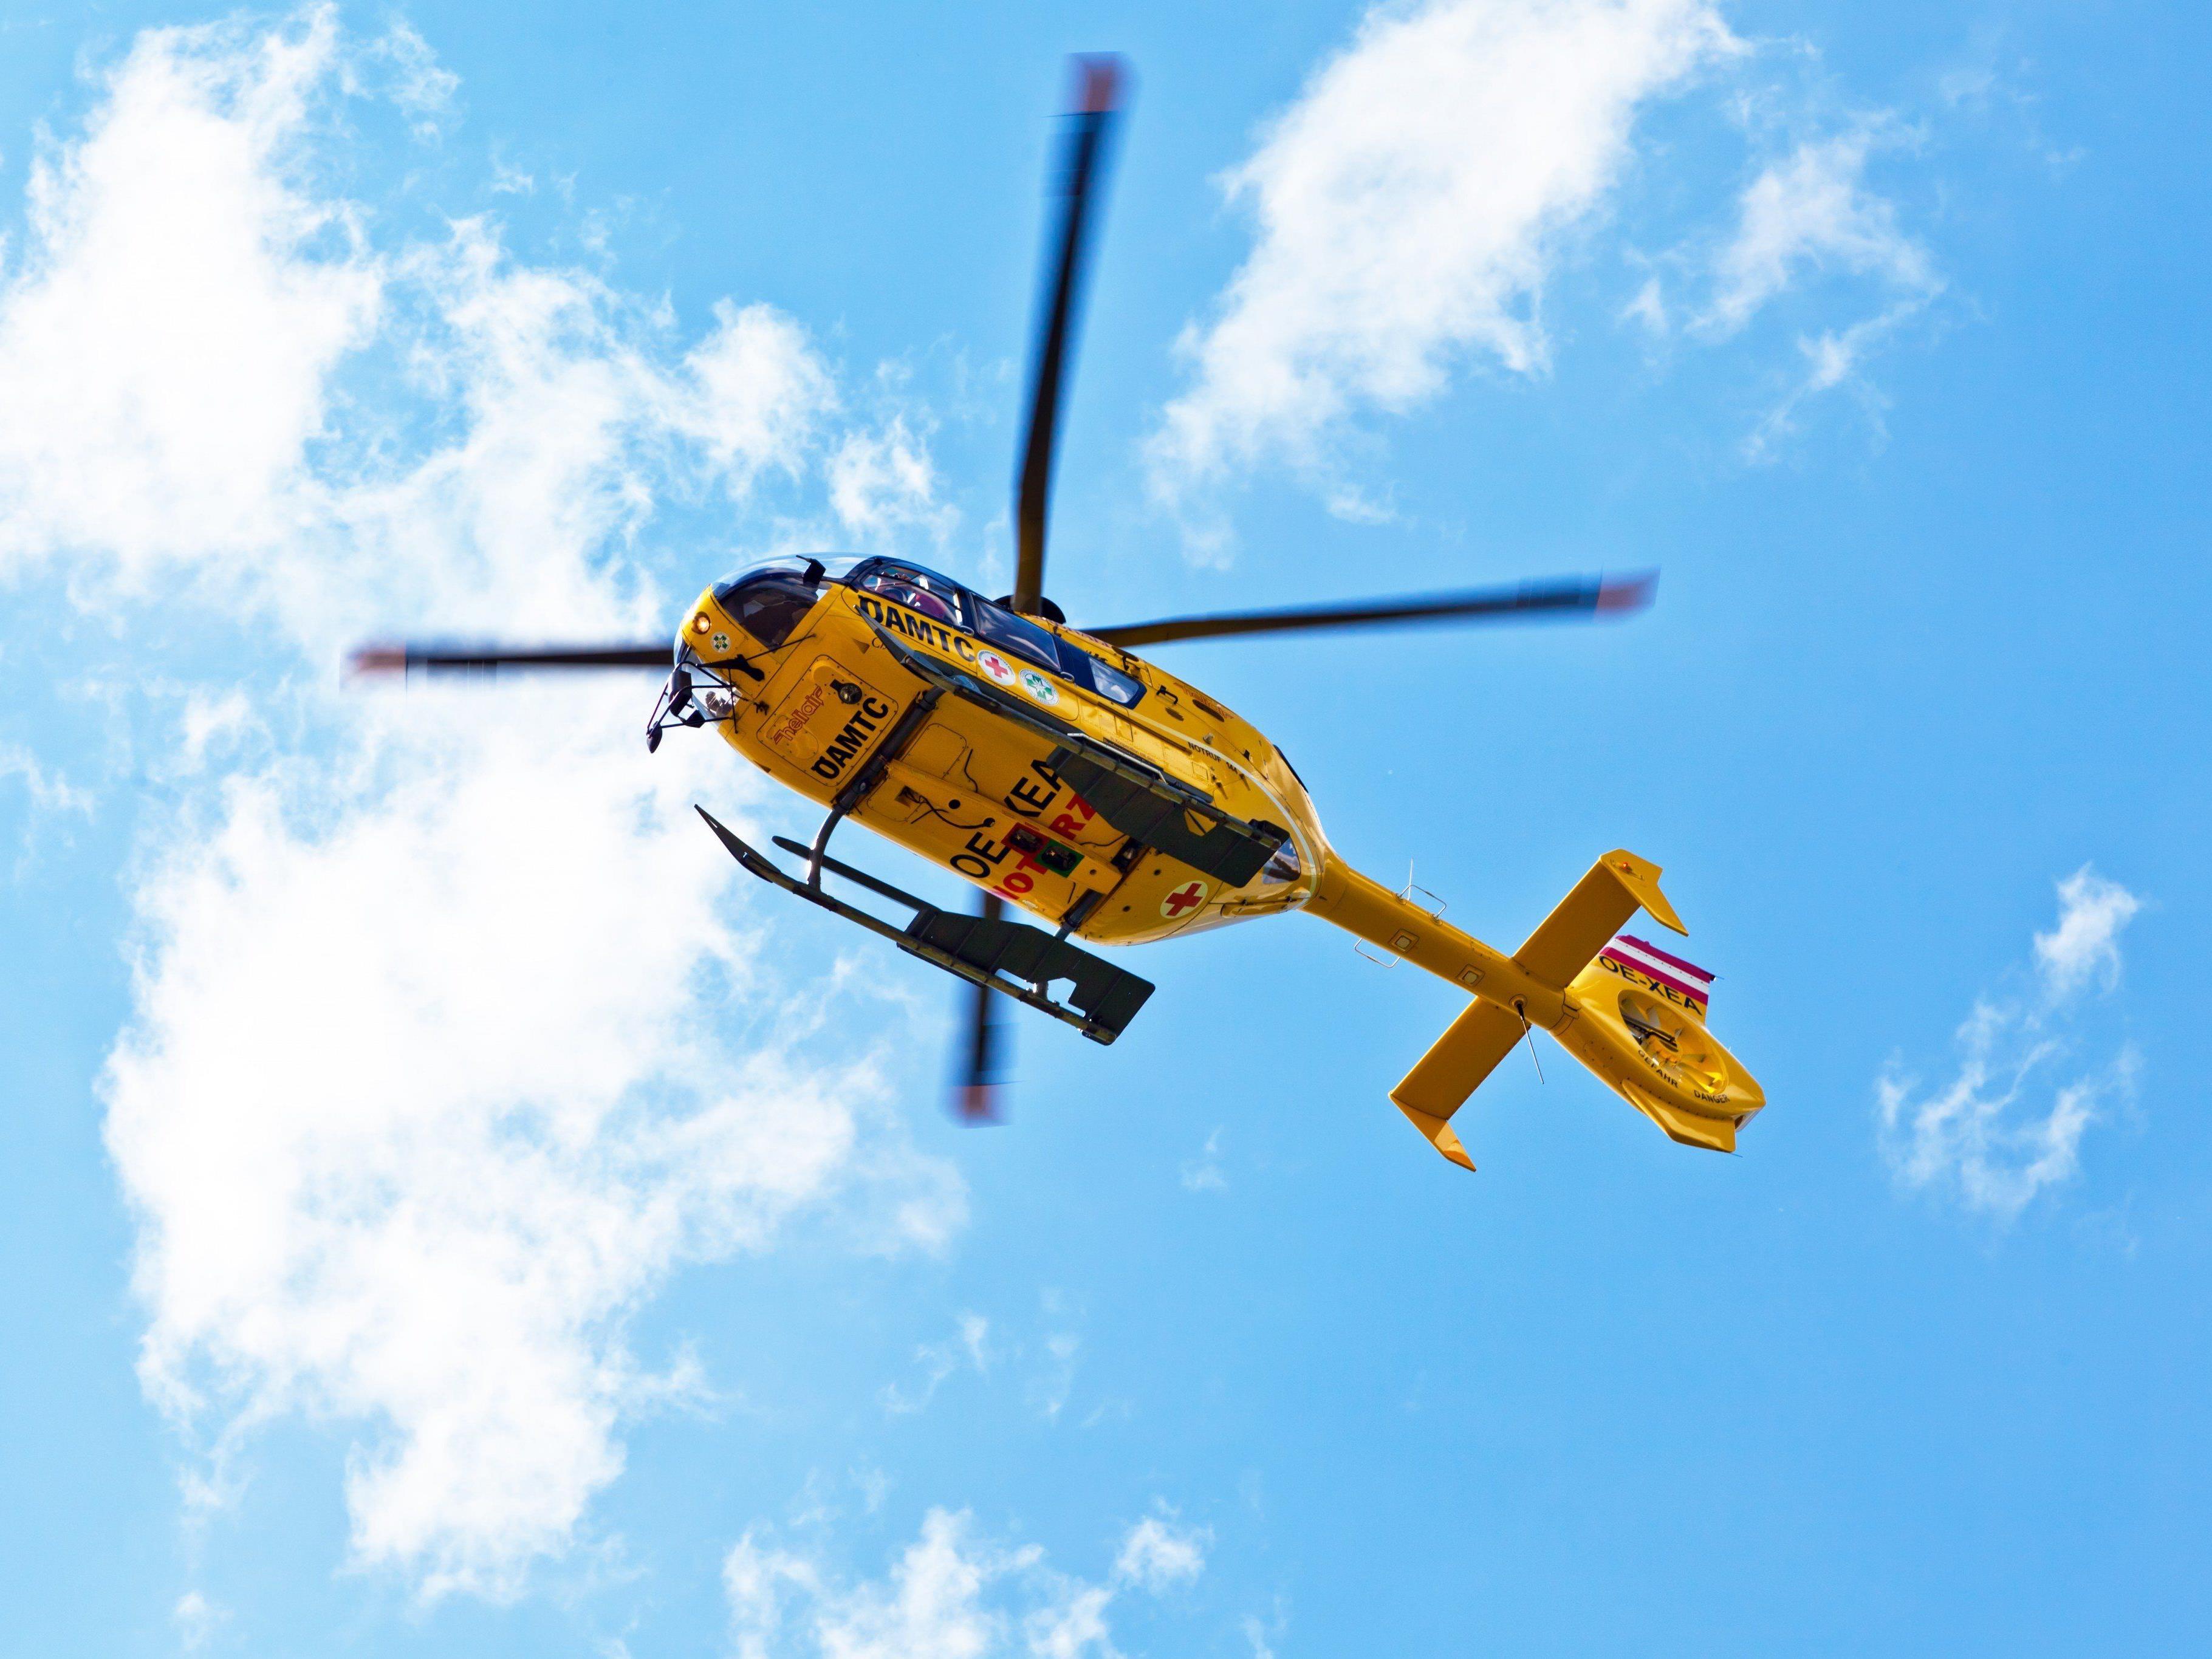 Der C8 flog den schwer verletzten Mann ins LKH.